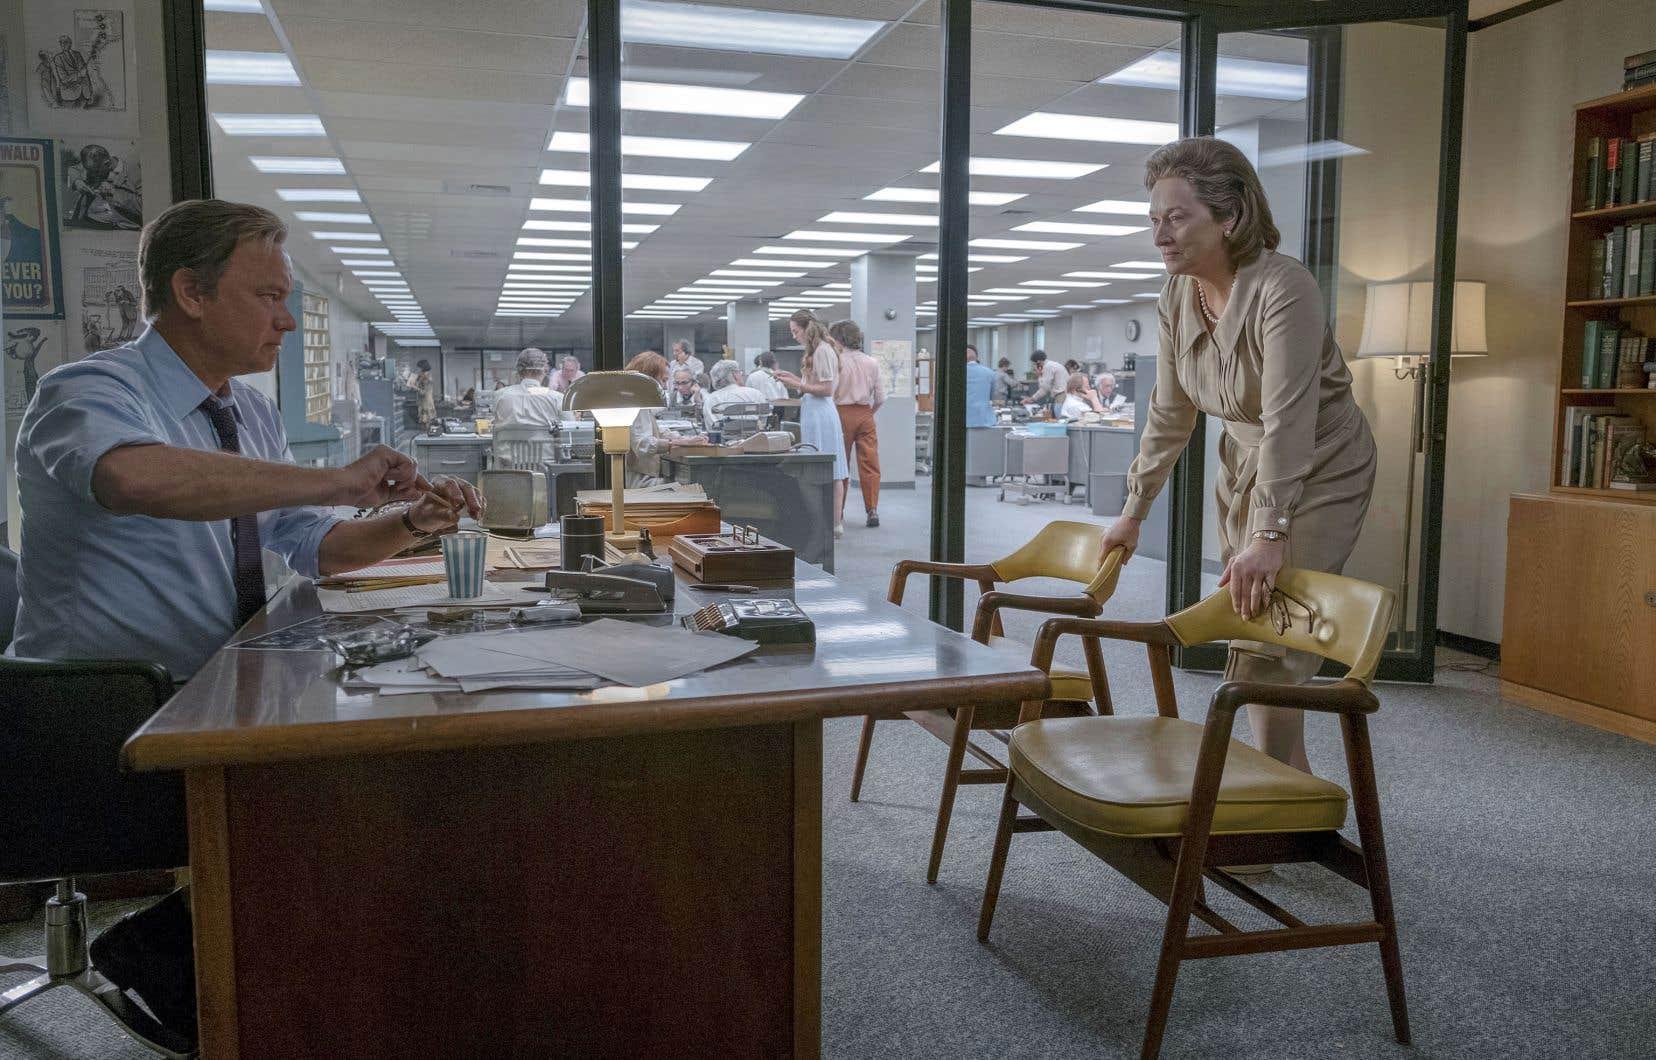 «Le Post» marque la rencontre au sommet entre Meryl Streep, Tom Hanks et le réalisateur Steven Spielberg. La première n'avait encore jamais tourné avec les deux autres qui, eux, en sont à leur cinquième collaboration.